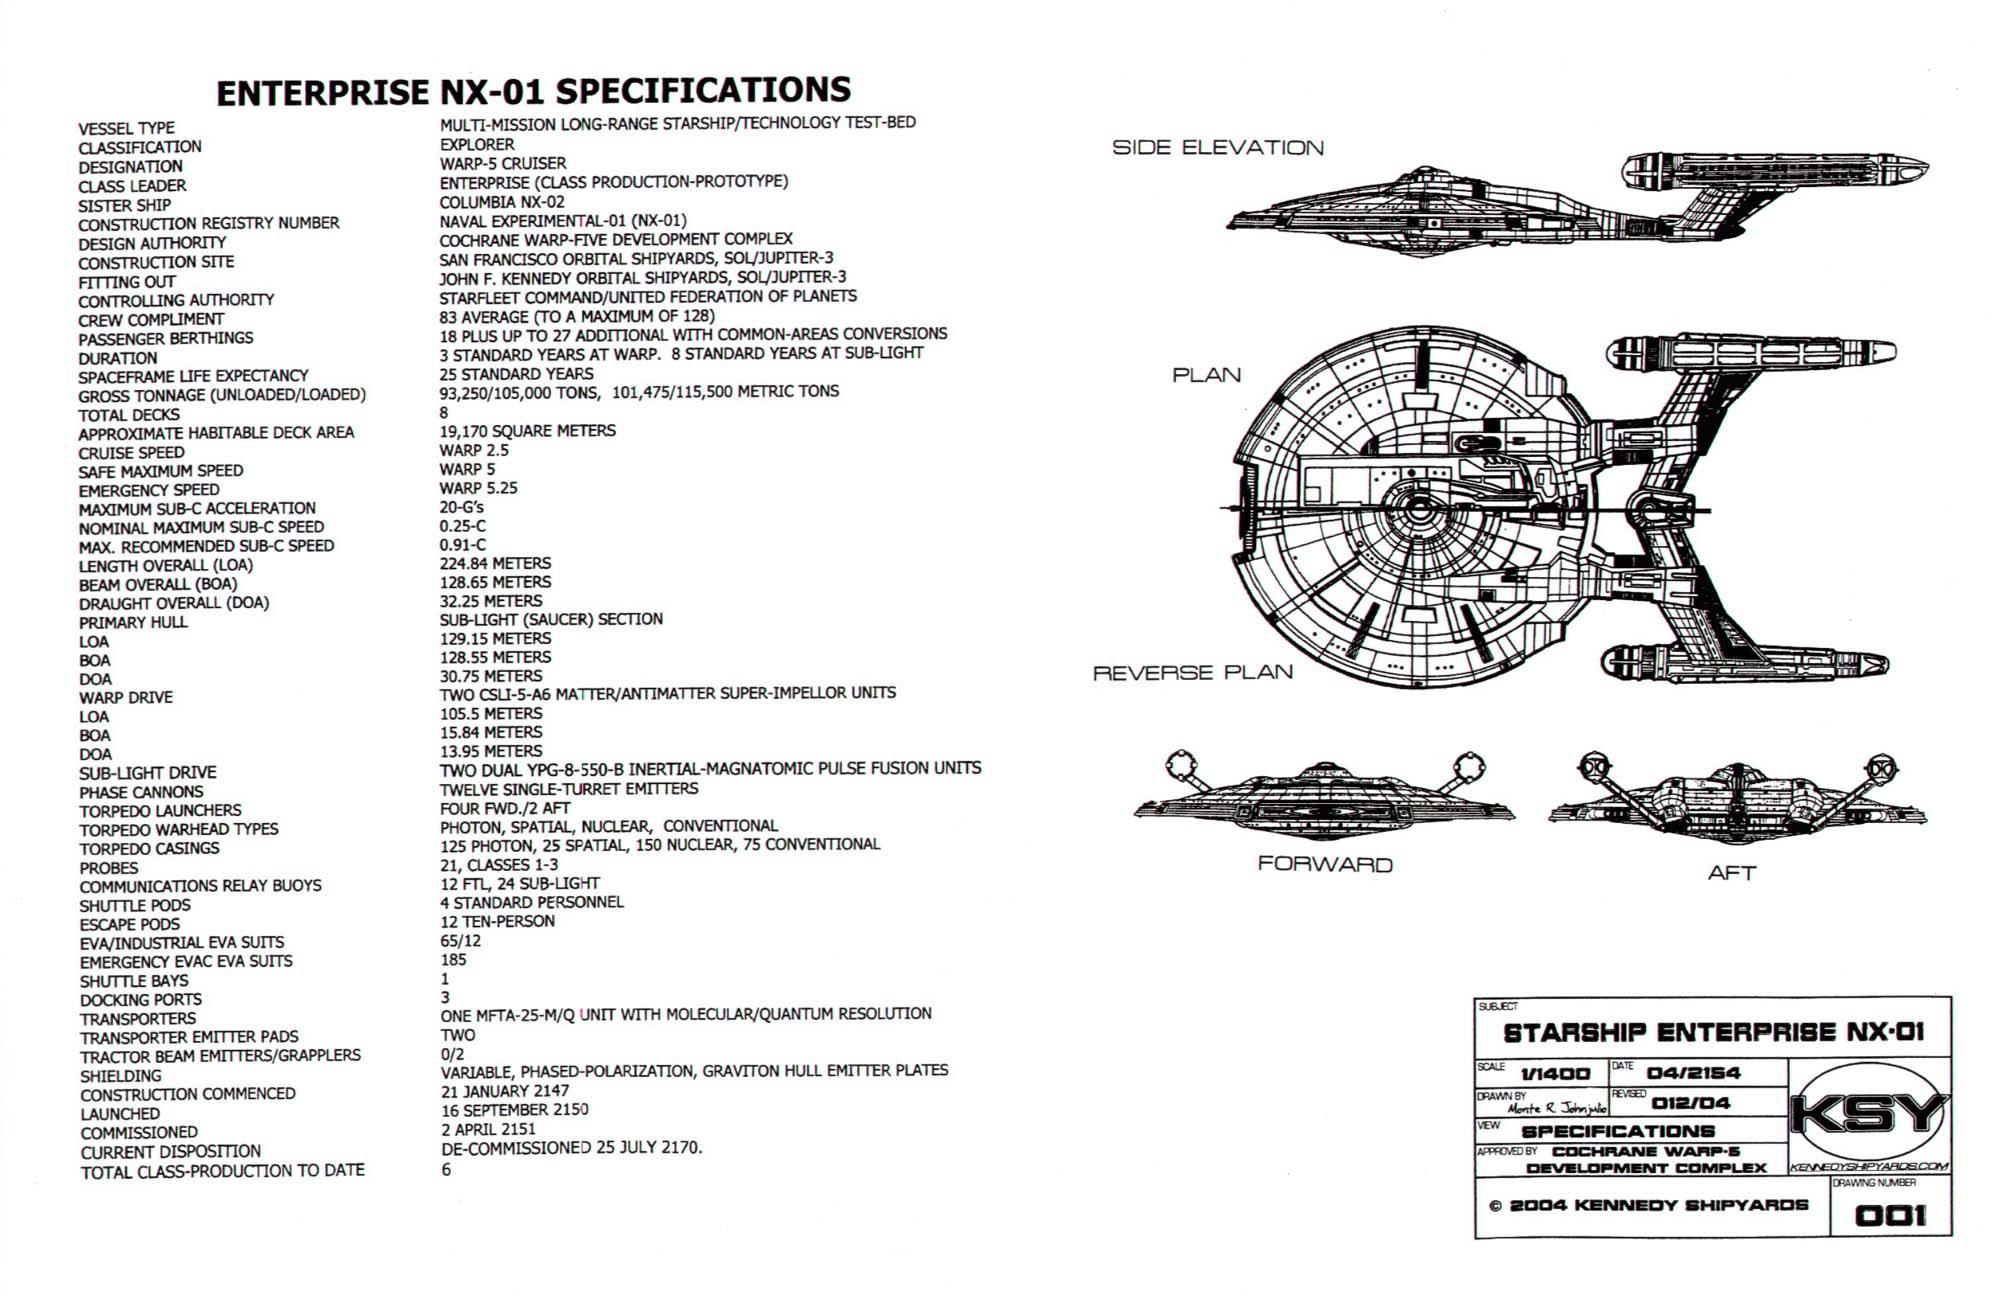 Starfleet-vessel-enterprise-nx-01-sheet-1